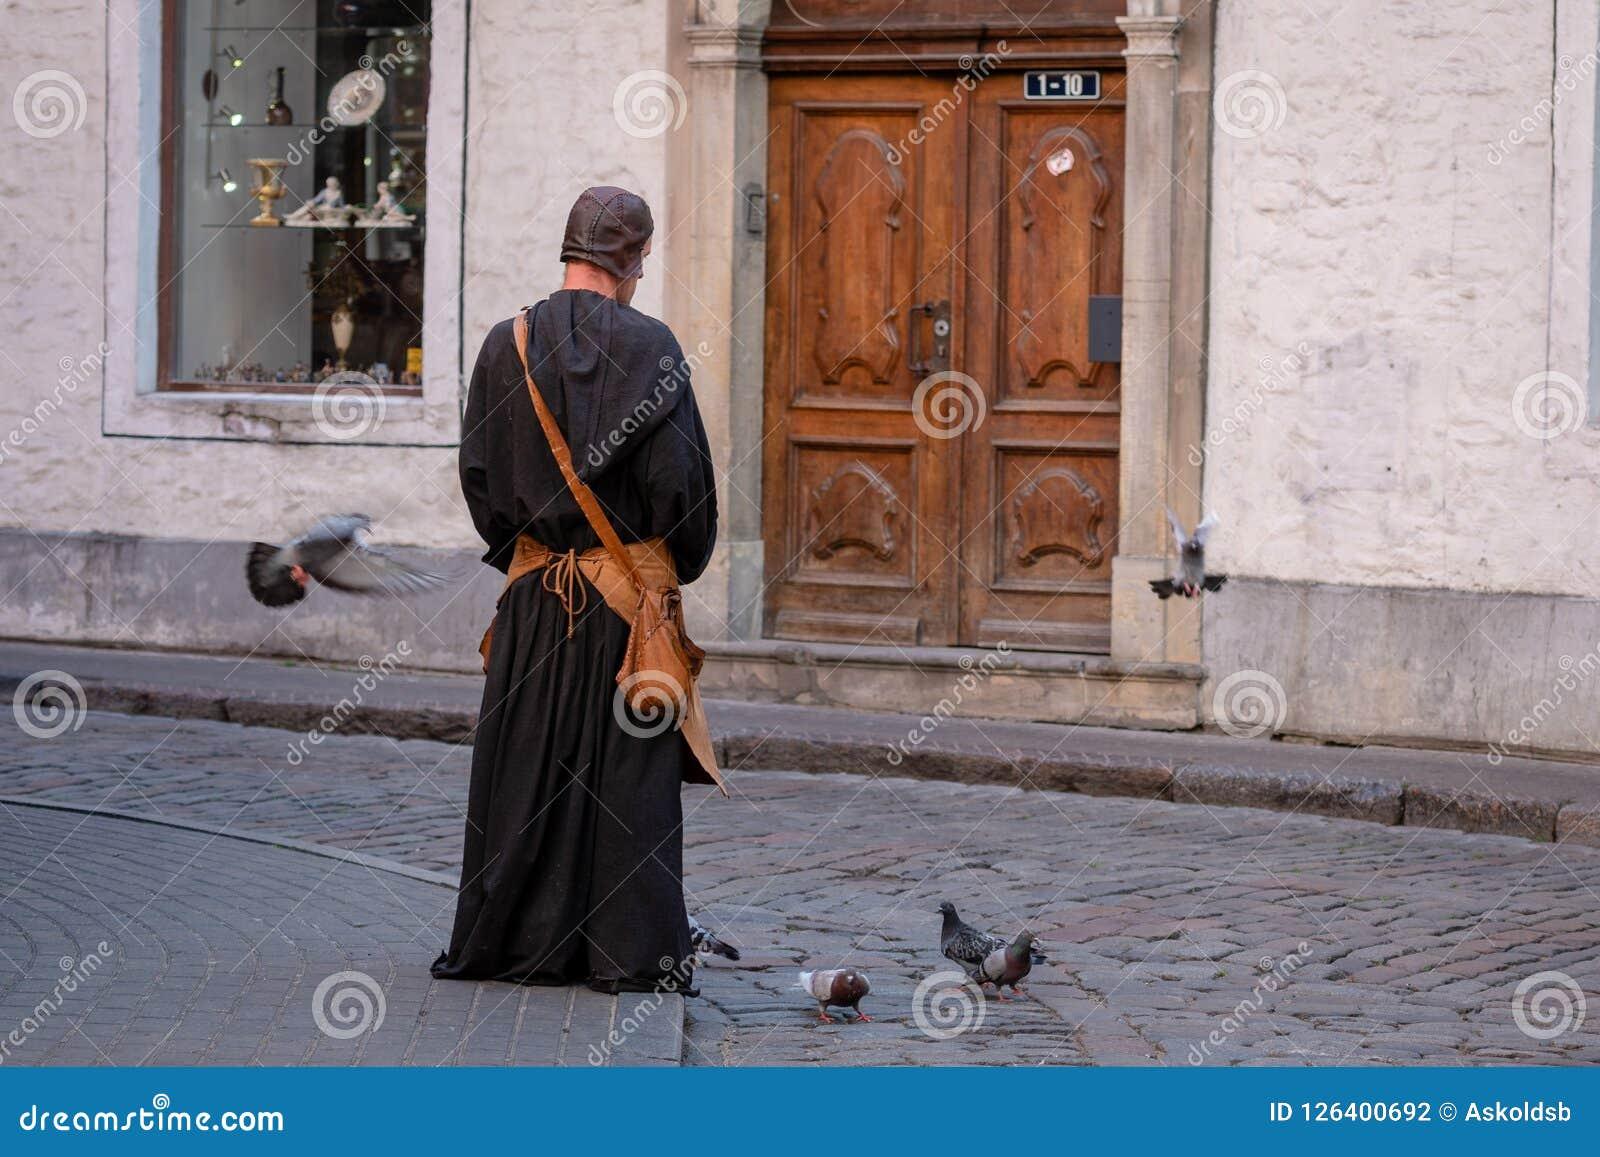 RIGA, LETTLAND - 31. JULI 2018: Mann in der mittelalterlichen Kleidung in der alten Stadt auf der Straße zieht die Tauben ein